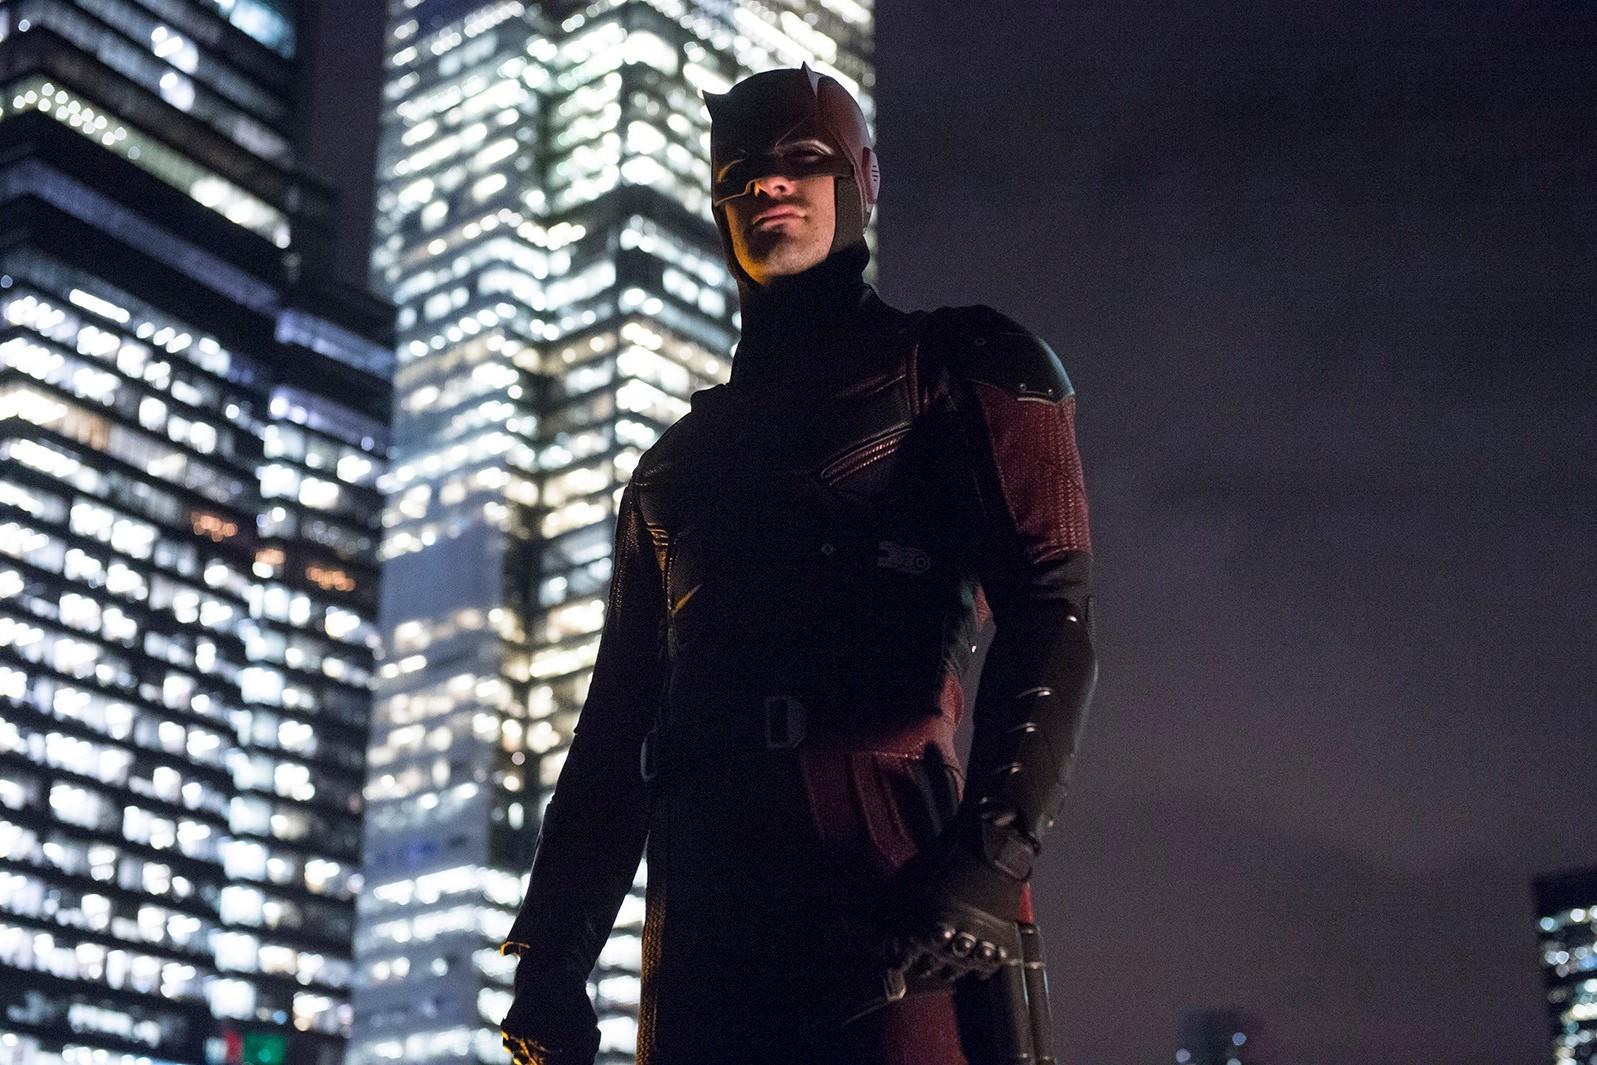 Daredevil organise des soirées en hauteur avec Spider-Man